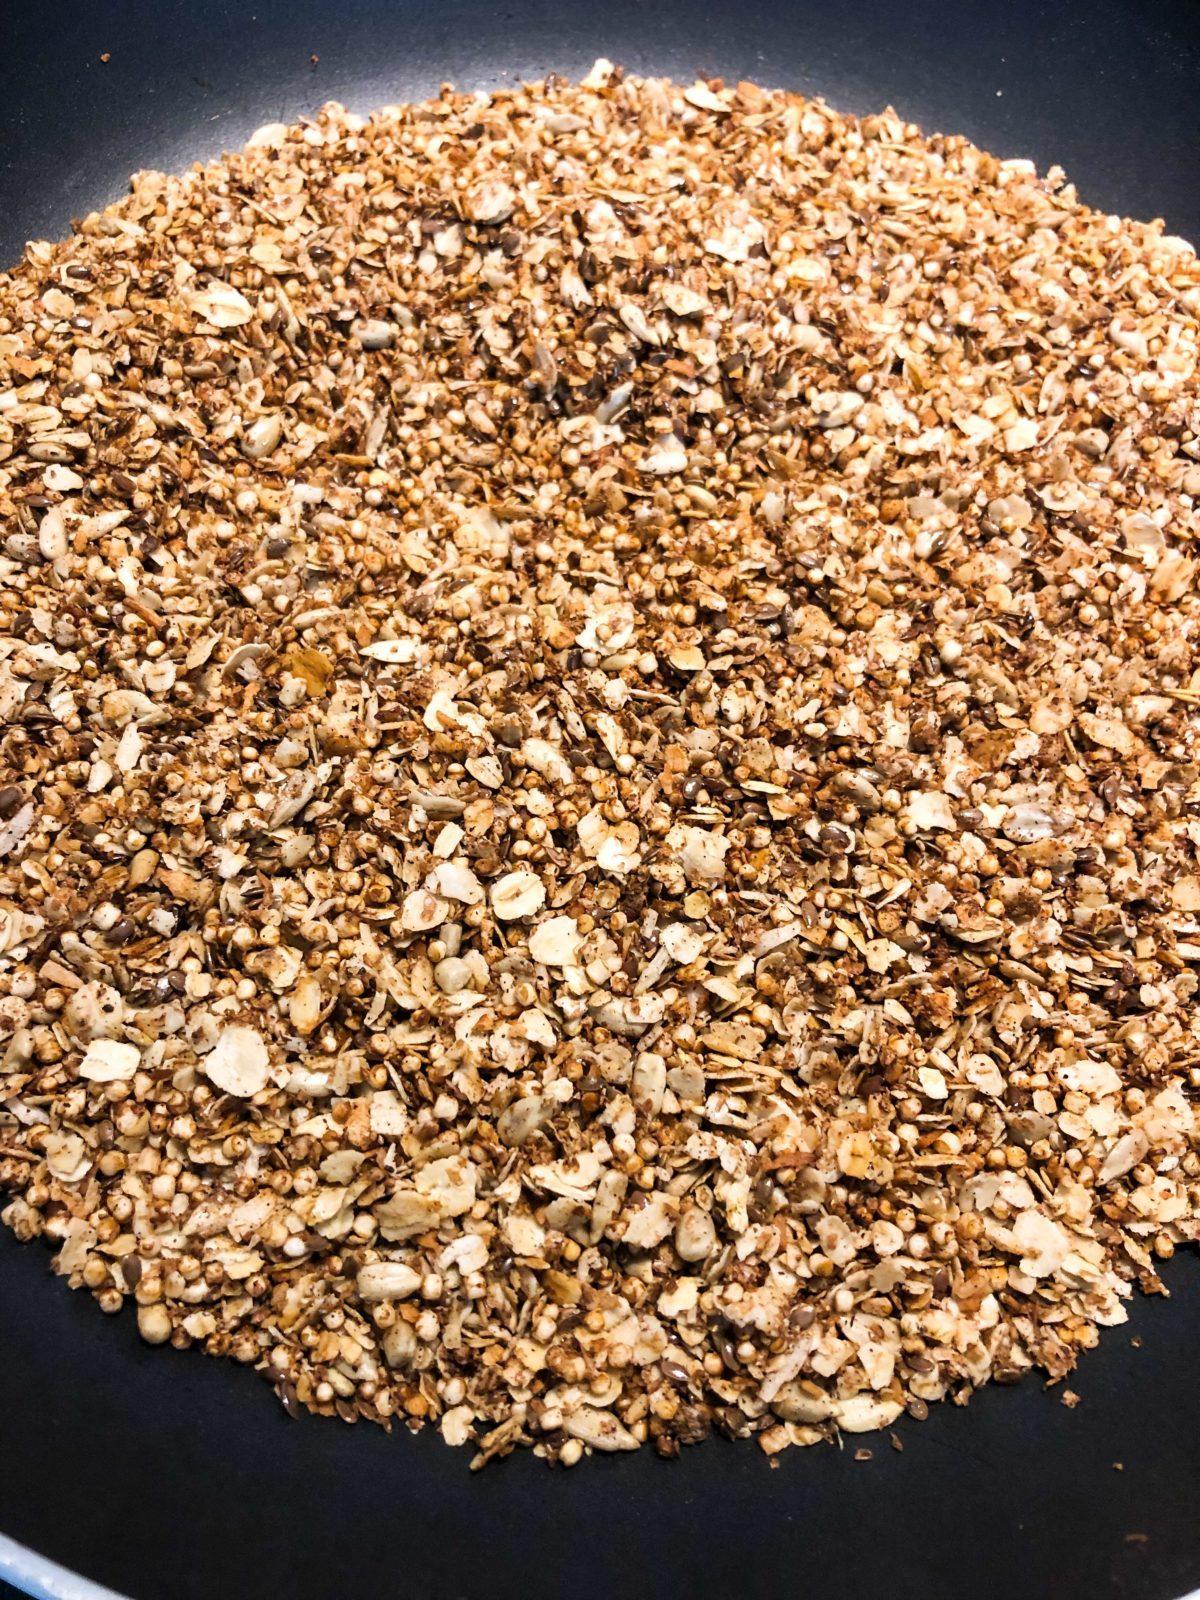 granola i stekpanna